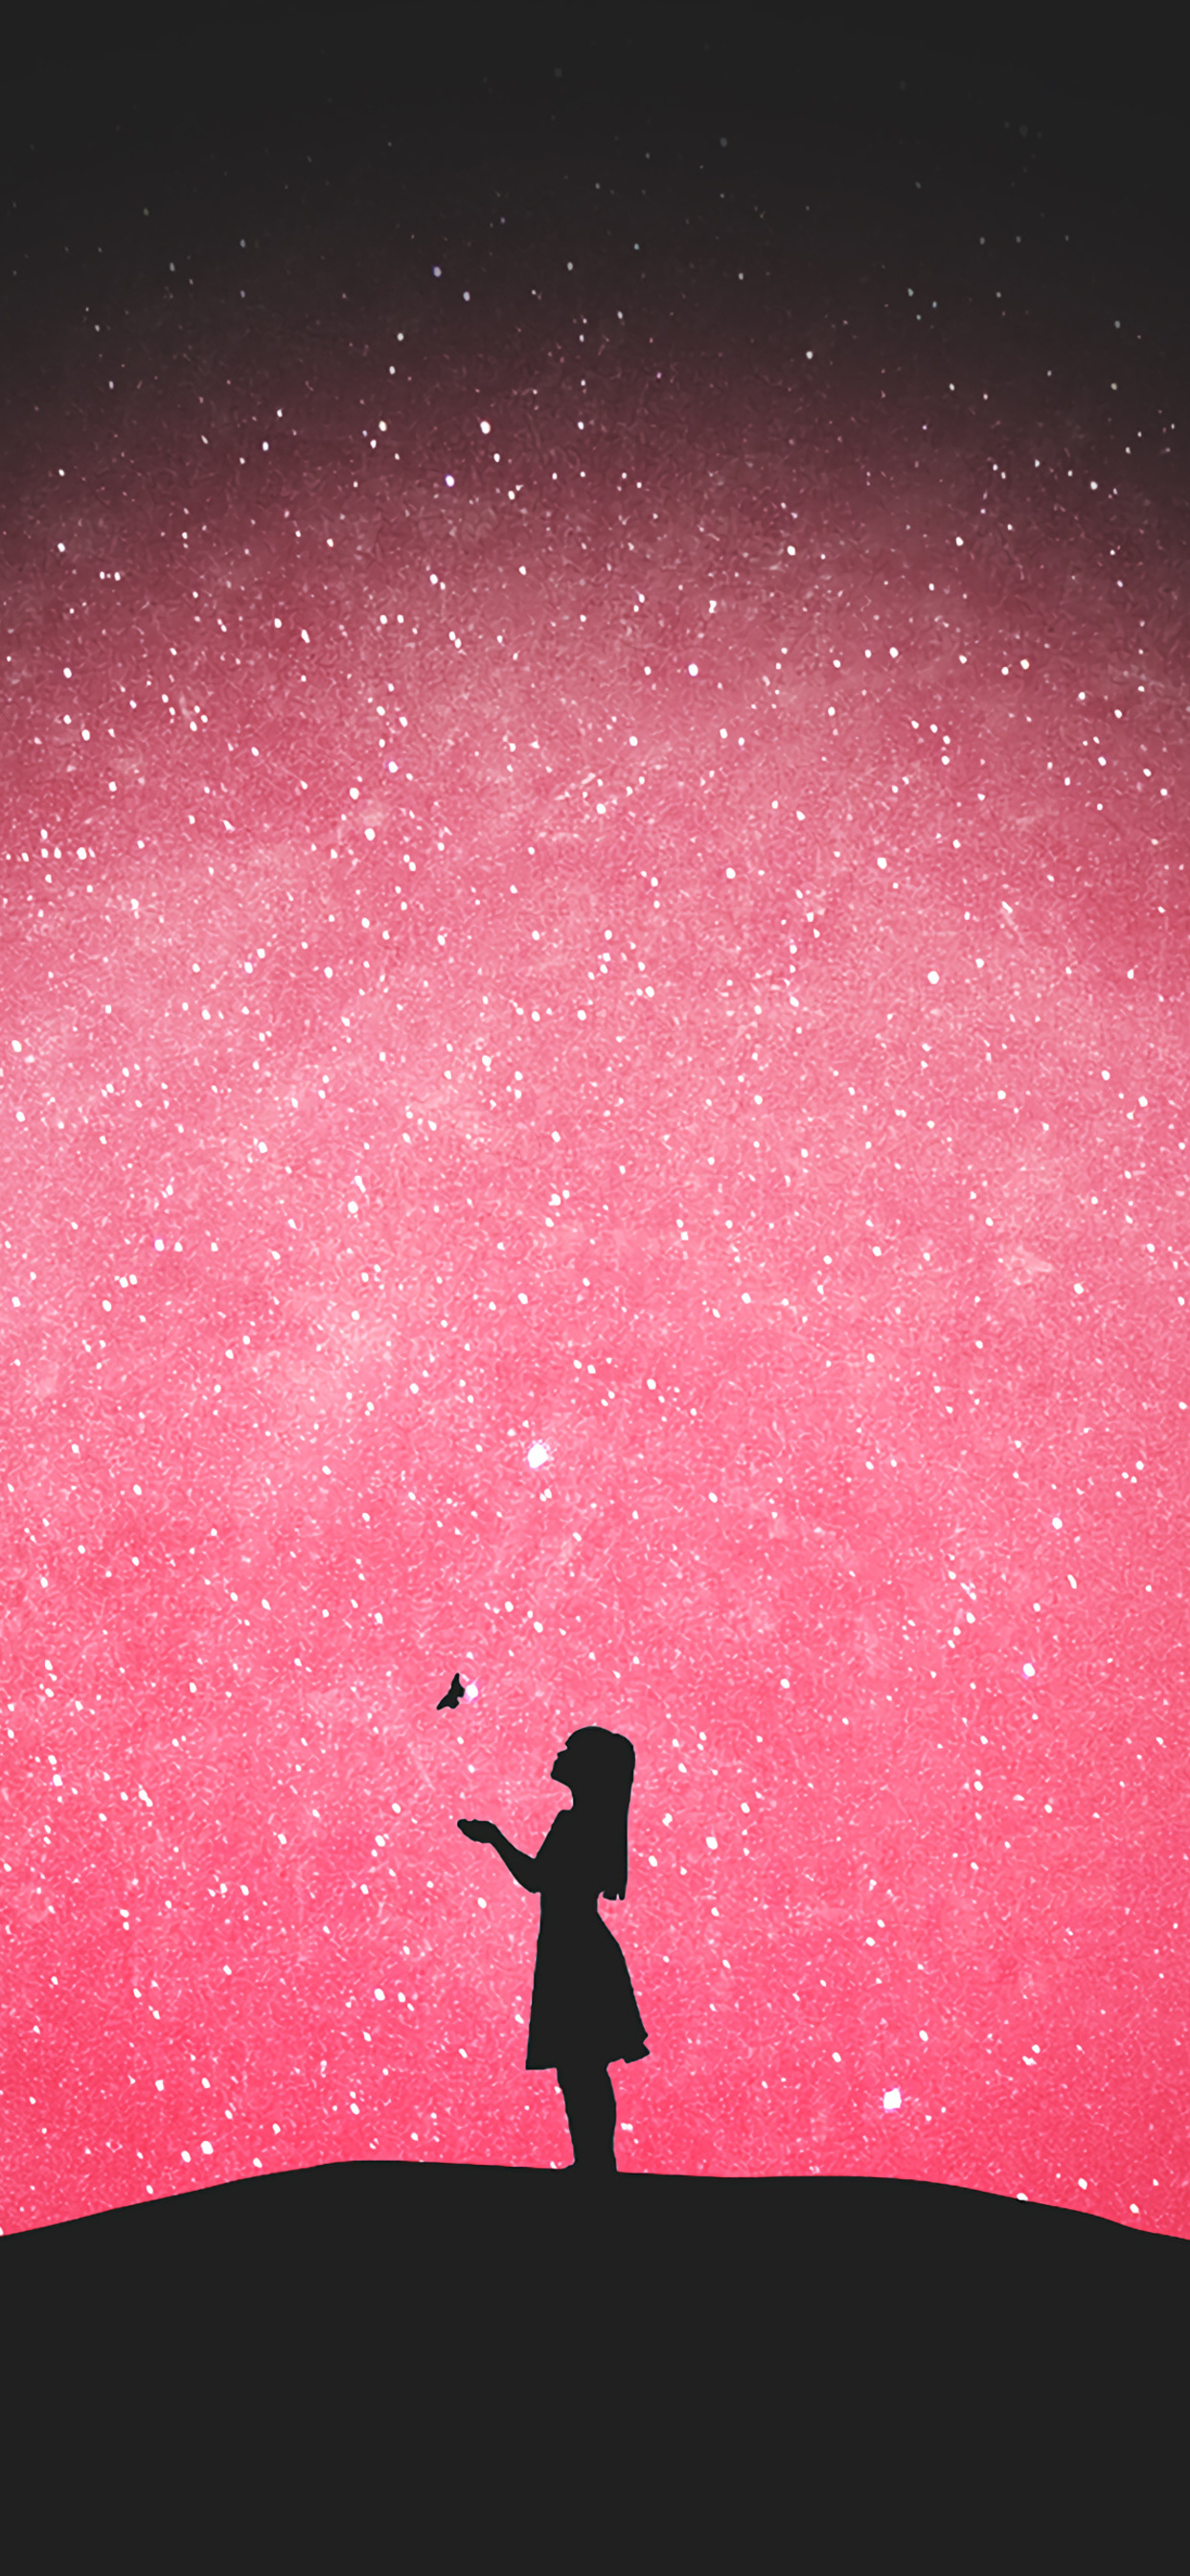 loneliness-small-girl-butterfly-4k-z2.jpg